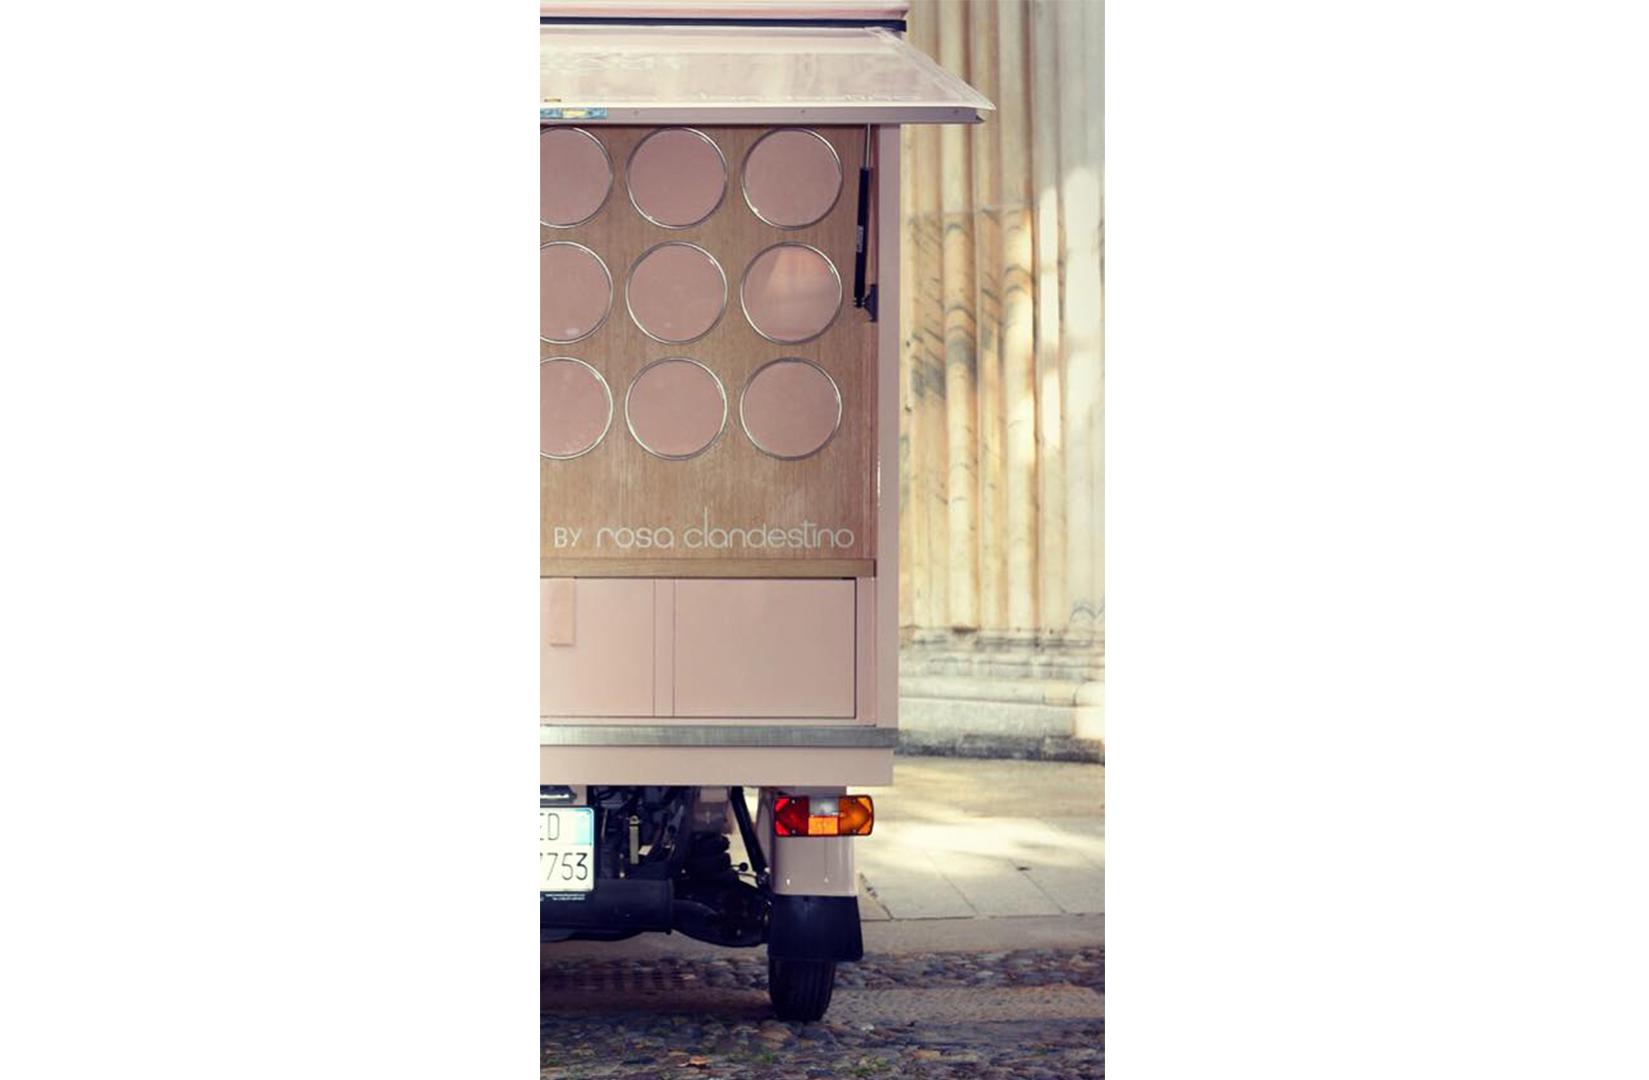 MS Architetti_Moving Store Rosa Clandestino_03